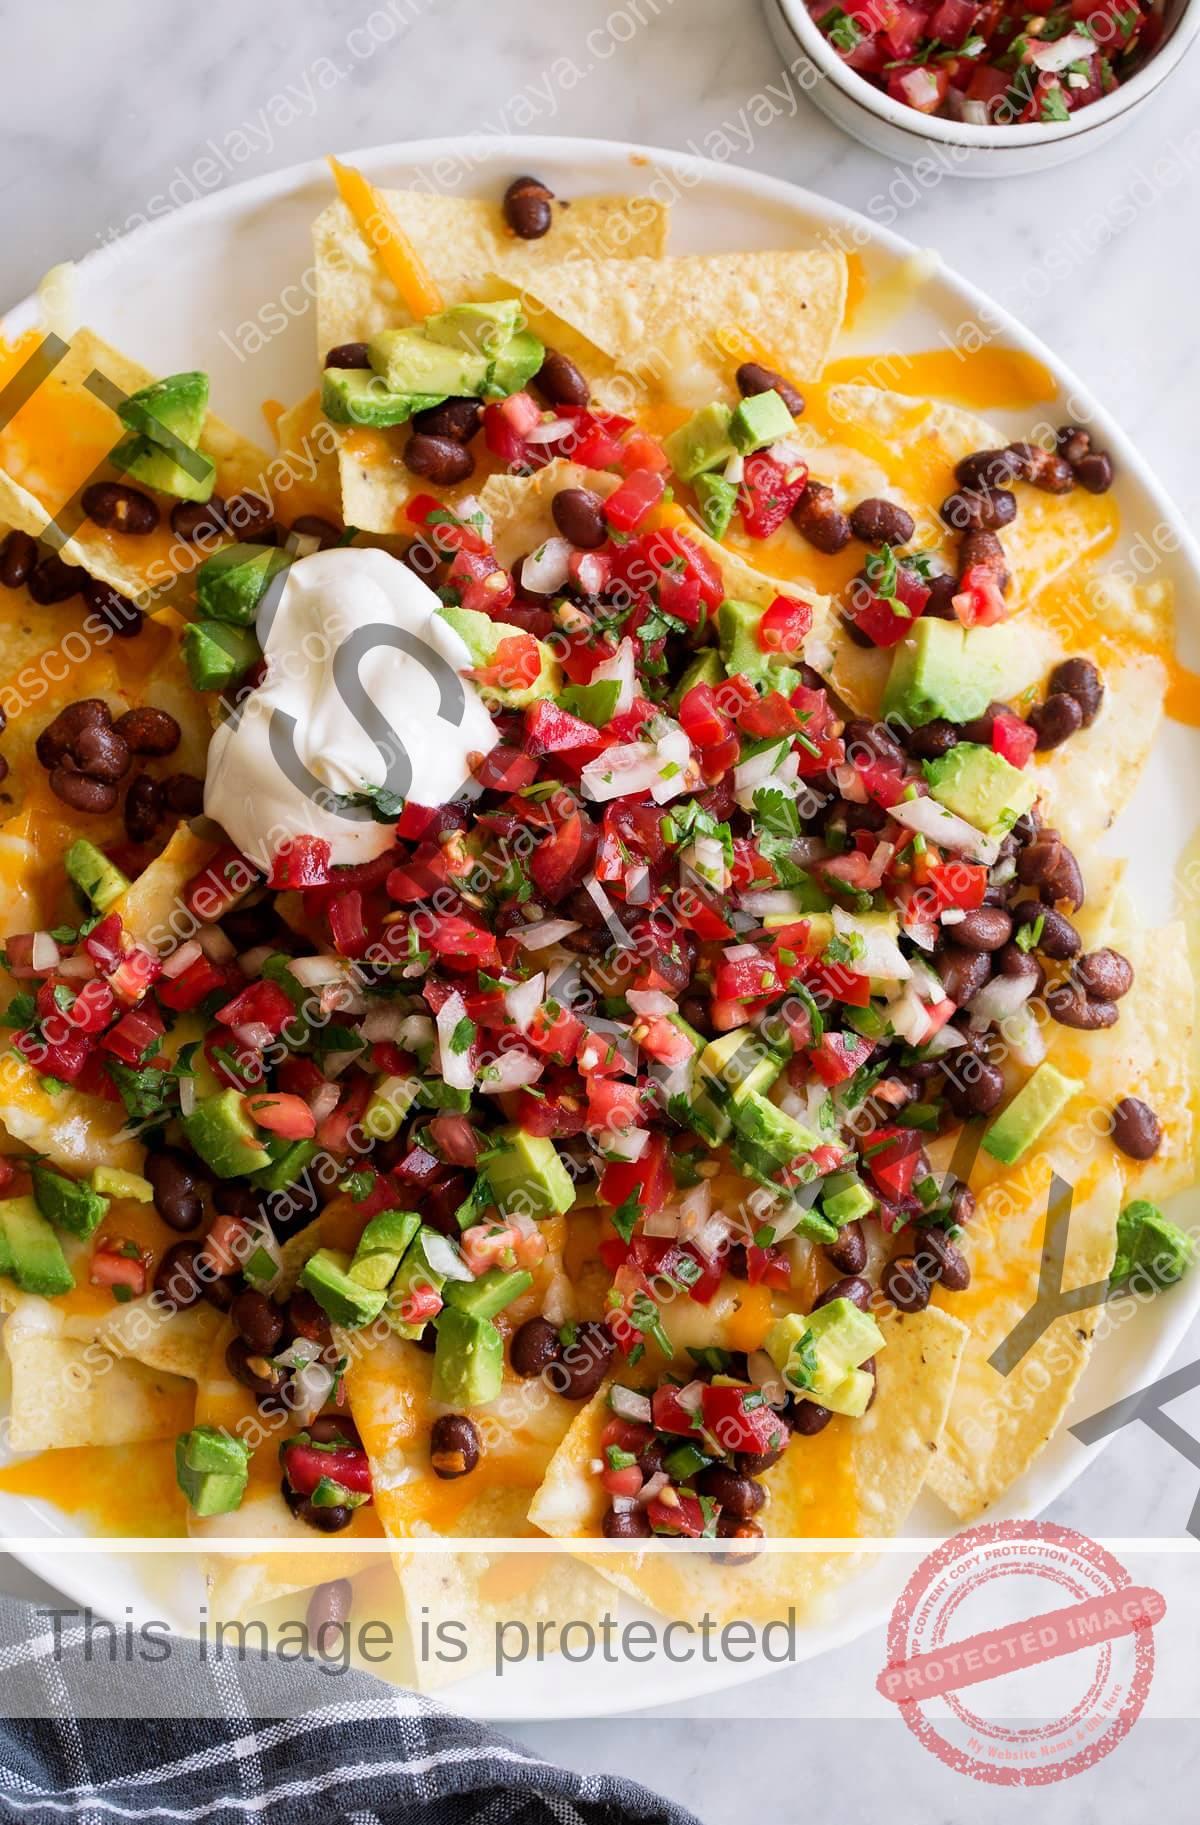 Pico de gallo con nachos junto con queso cheddar derretido, frijoles negros, aguacate cortado en cubitos y crema agria.